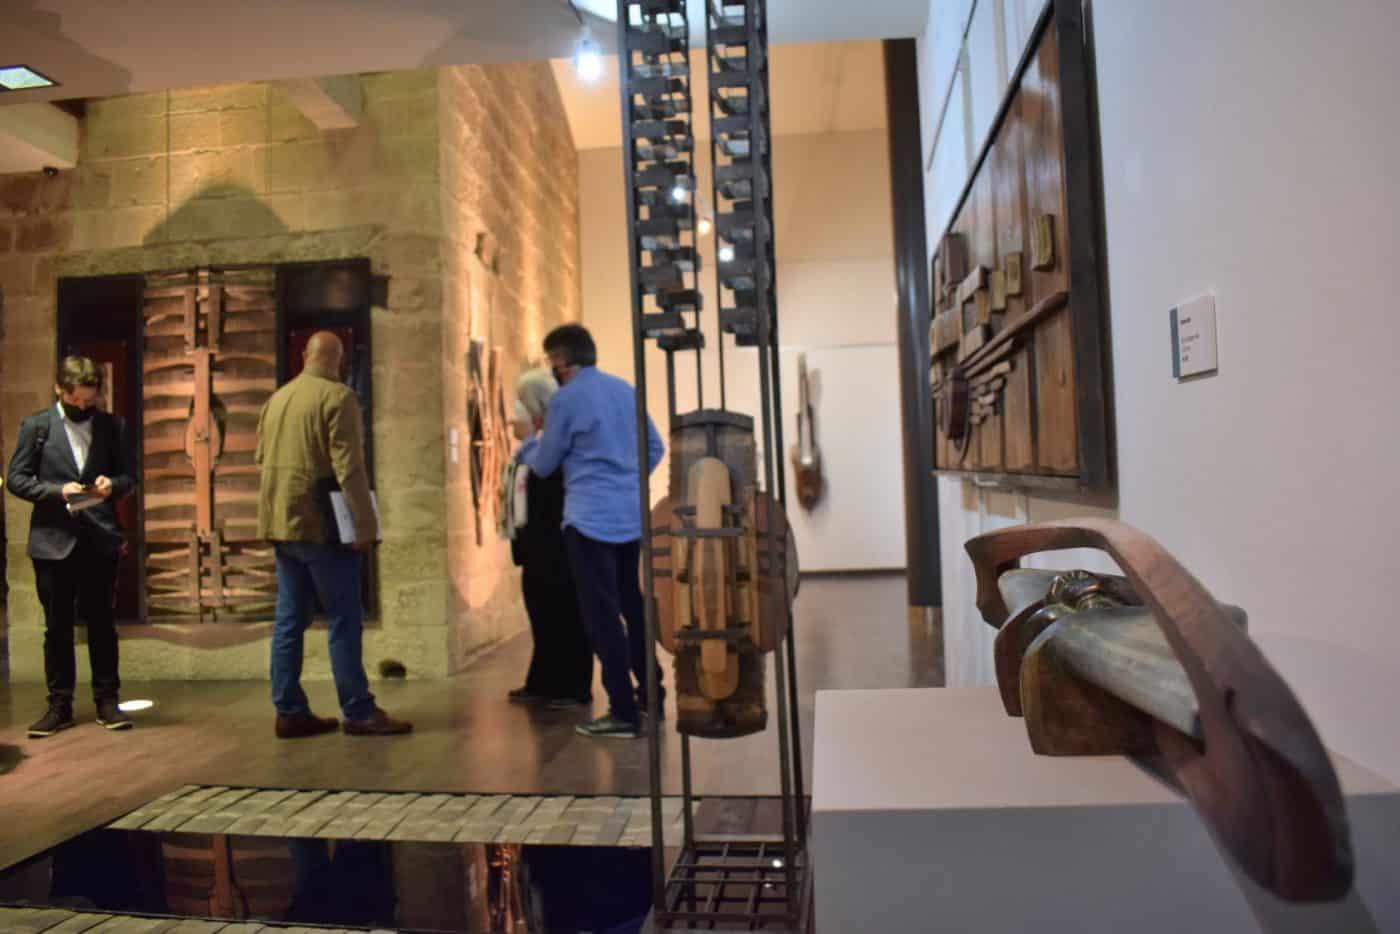 FOTOS: El Torreón de Haro inaugura 'De grana y roble', del artista riojano Óscar Cenzano 9